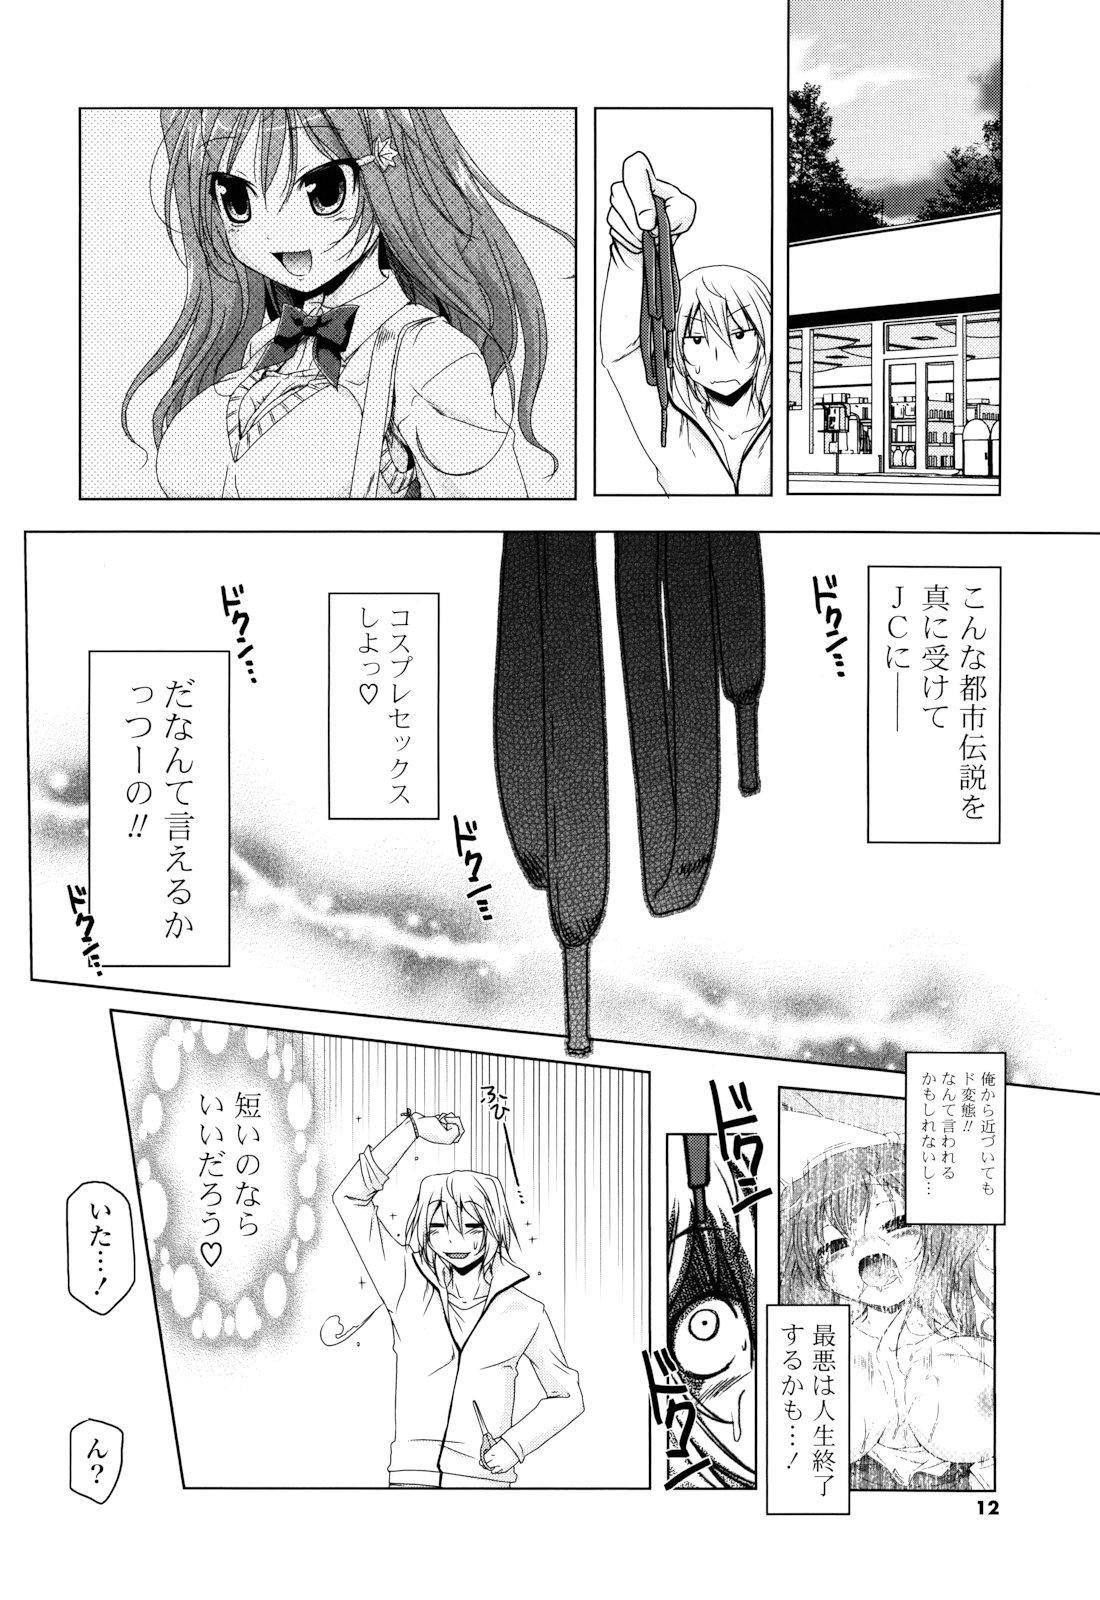 生膣ひゃくぱぁせんと!- Vol.01 Chapter 1 11